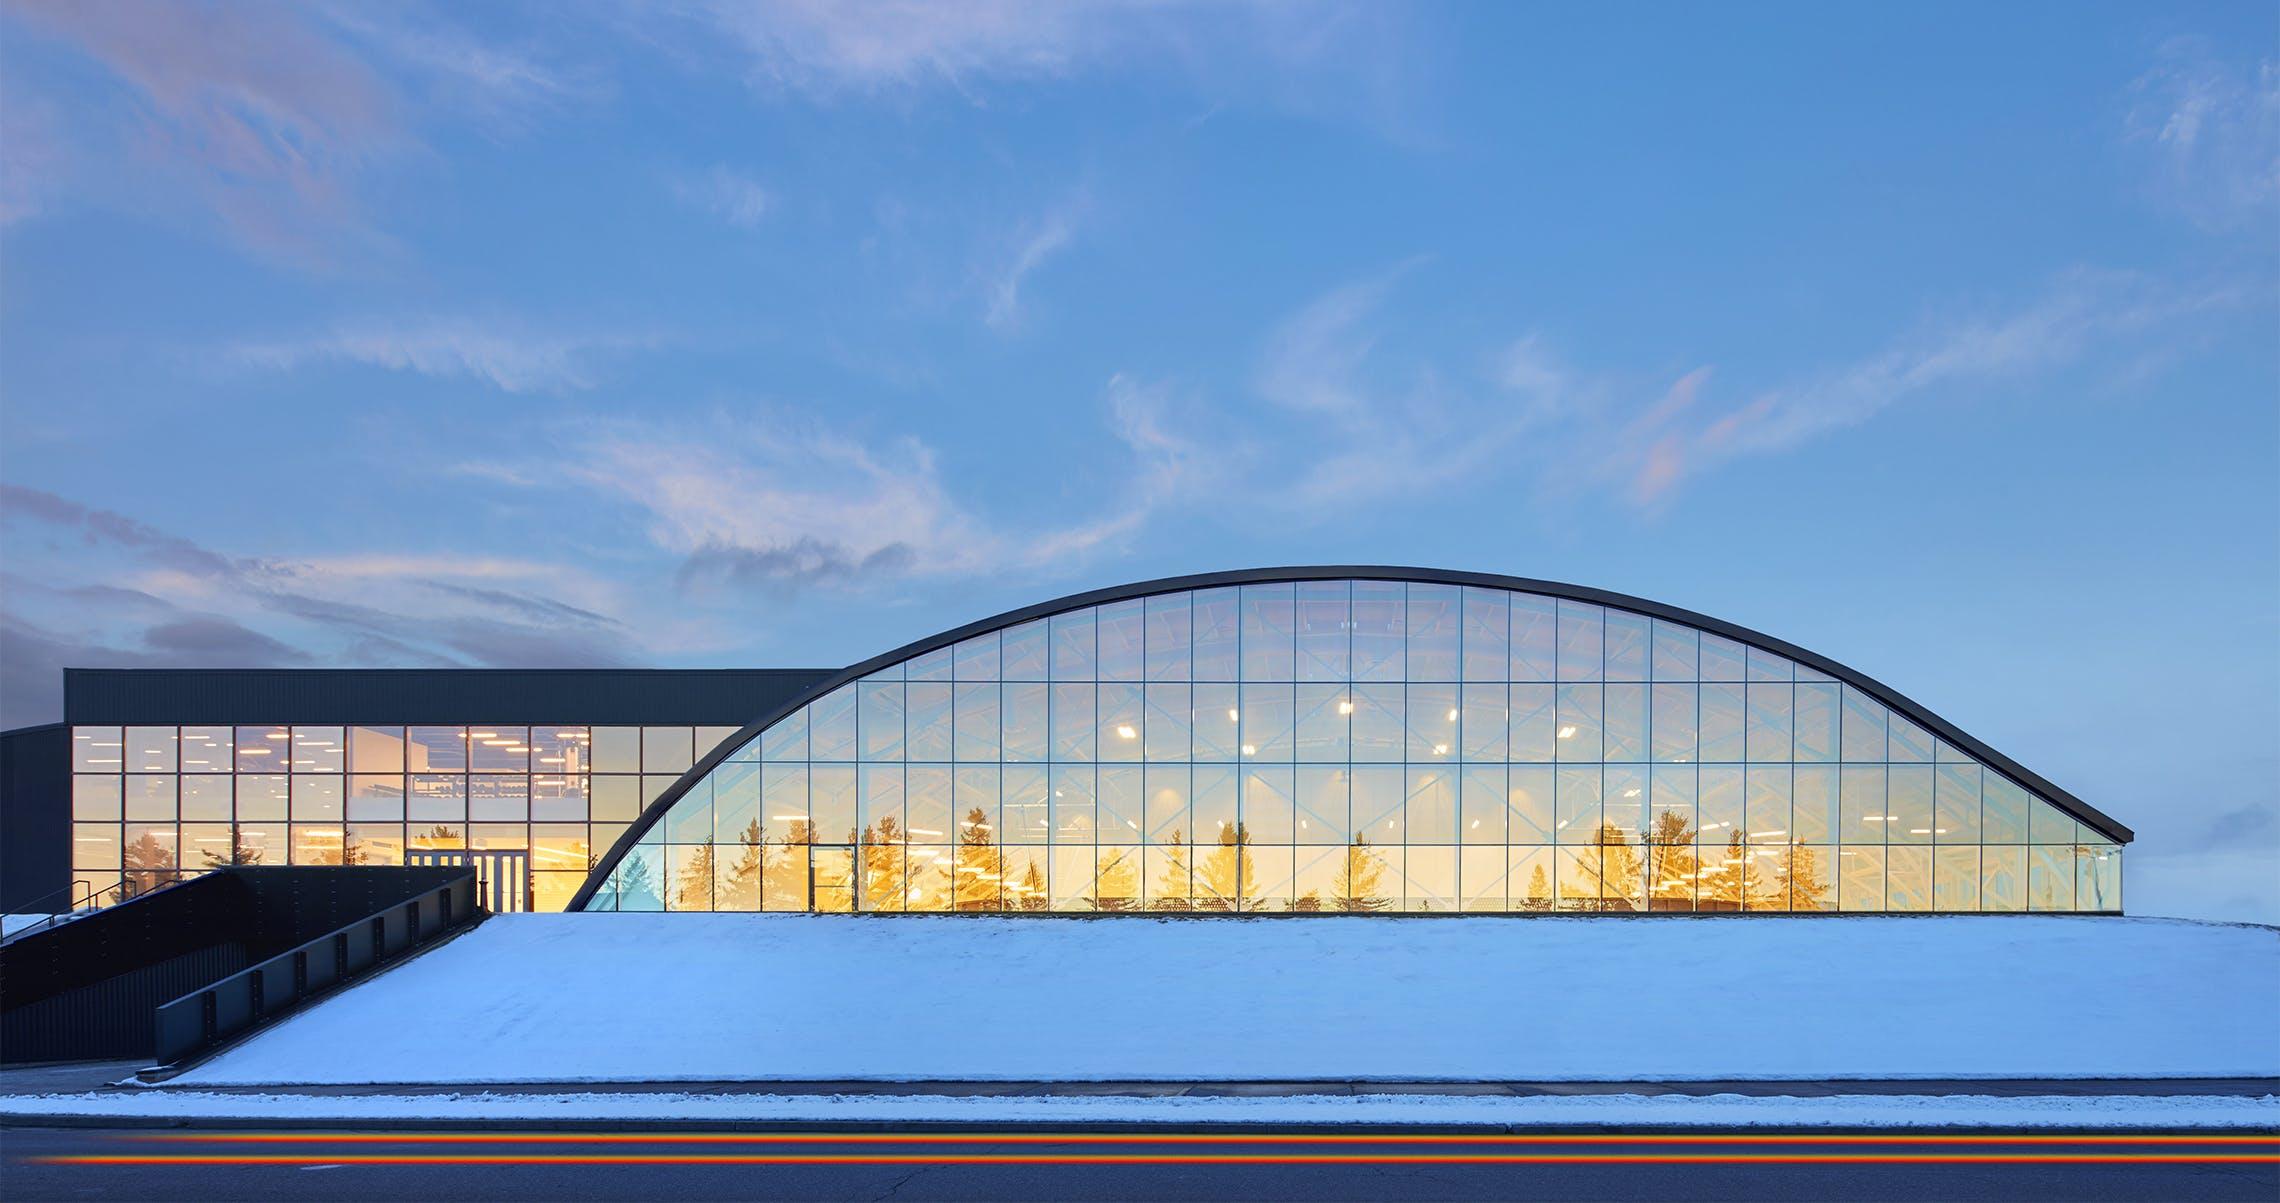 Conestoga College Student Recreation Centre | MJMA | Archinect